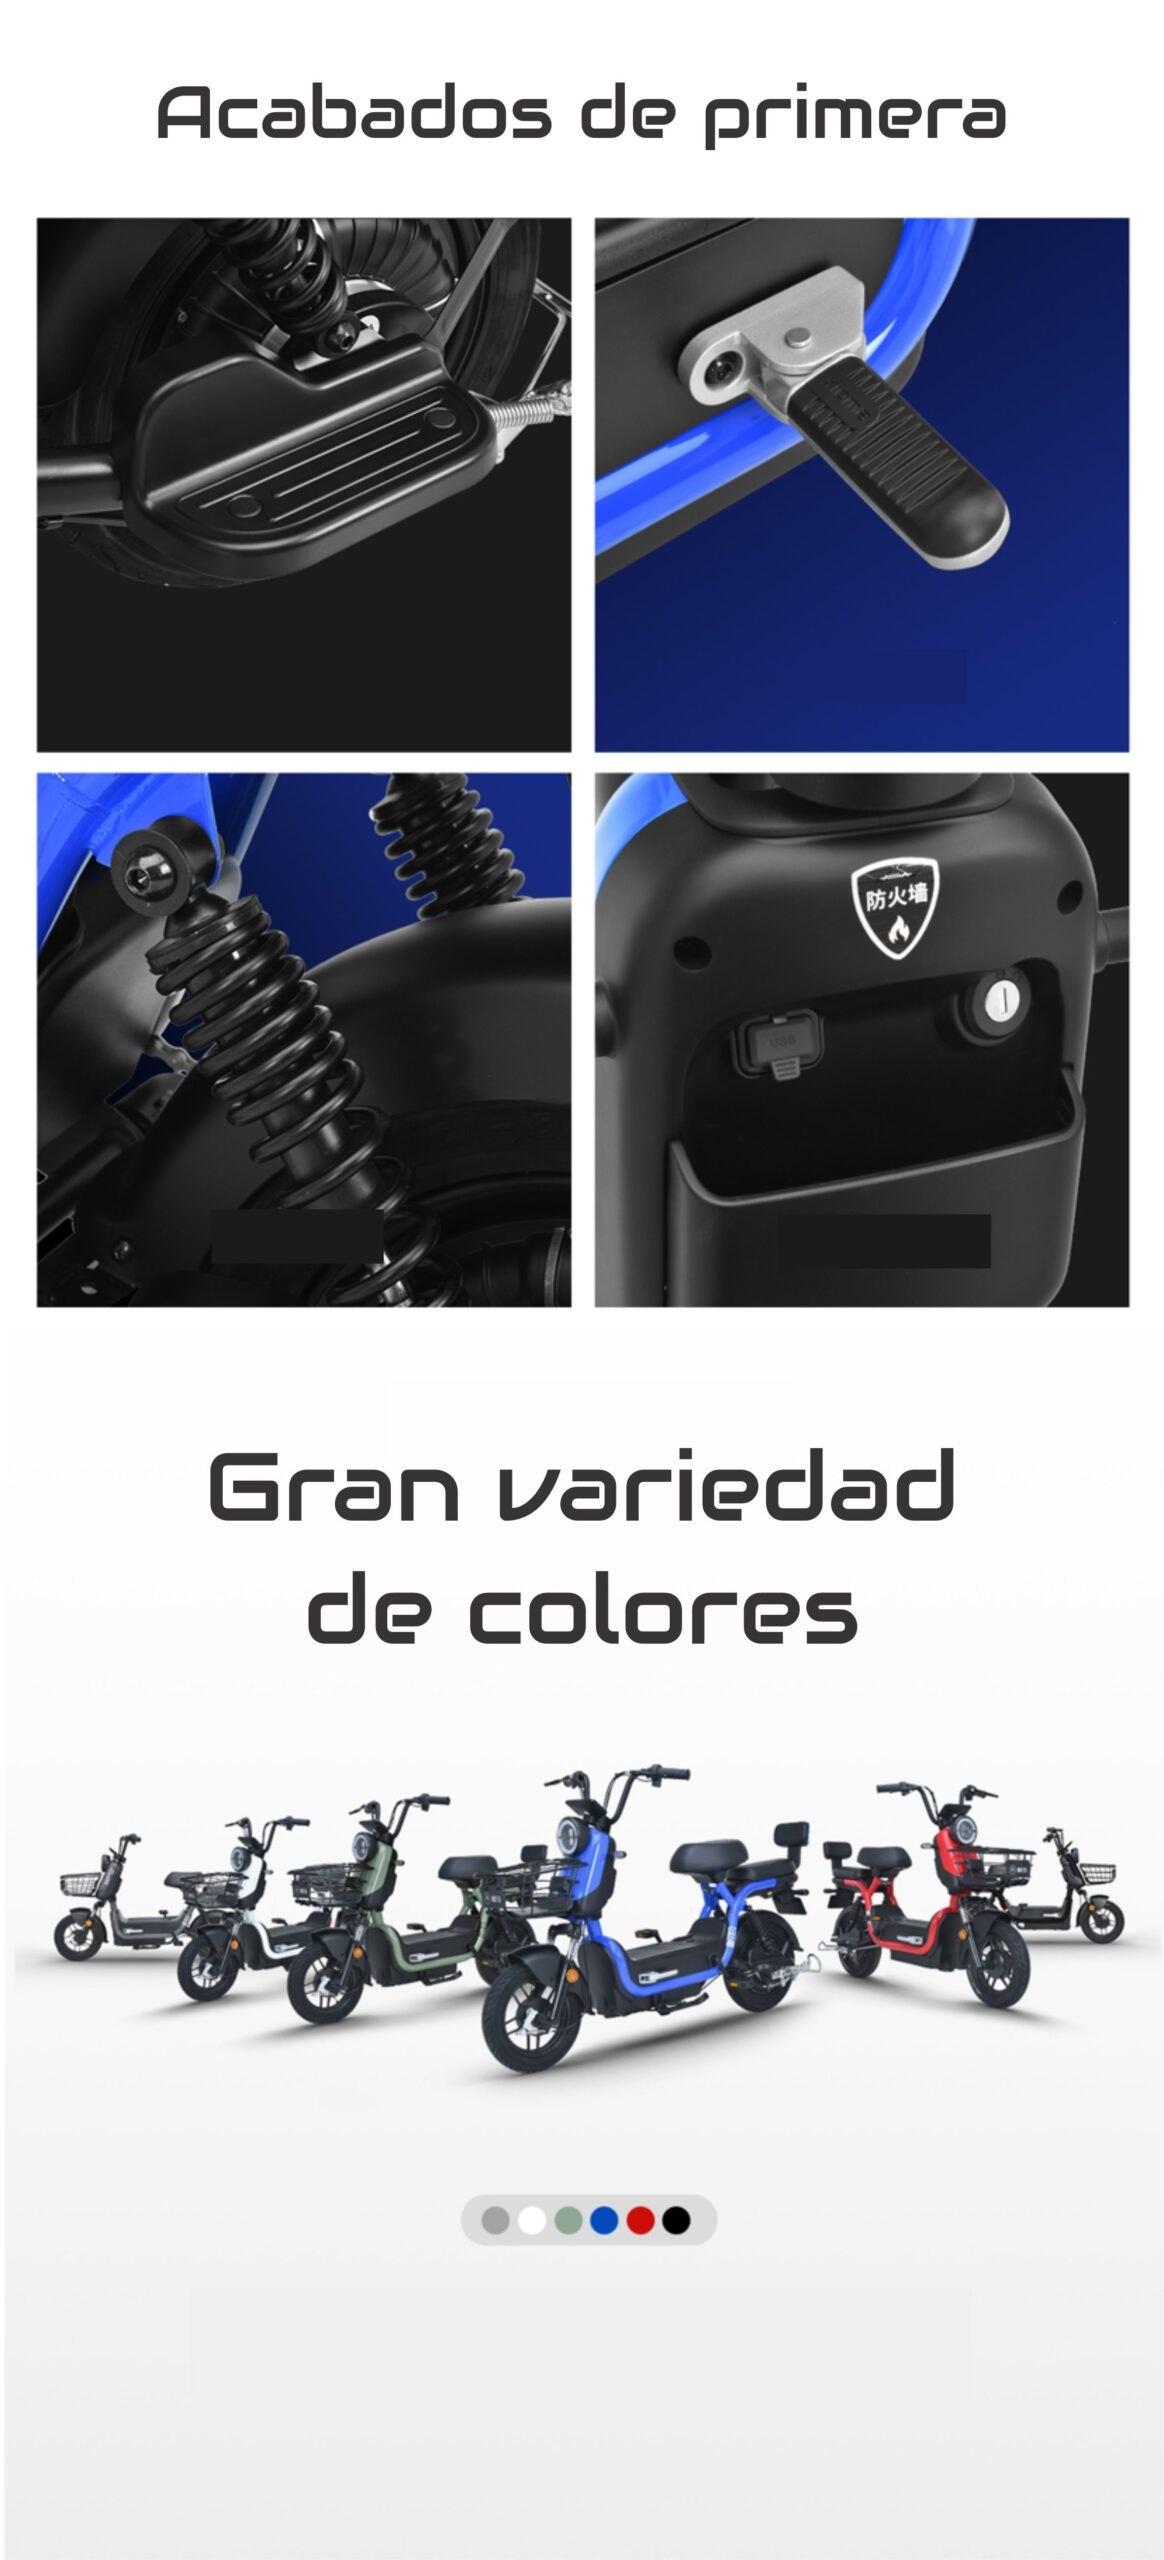 c6 scaled AIMA Peru - Motos Electricas Peru